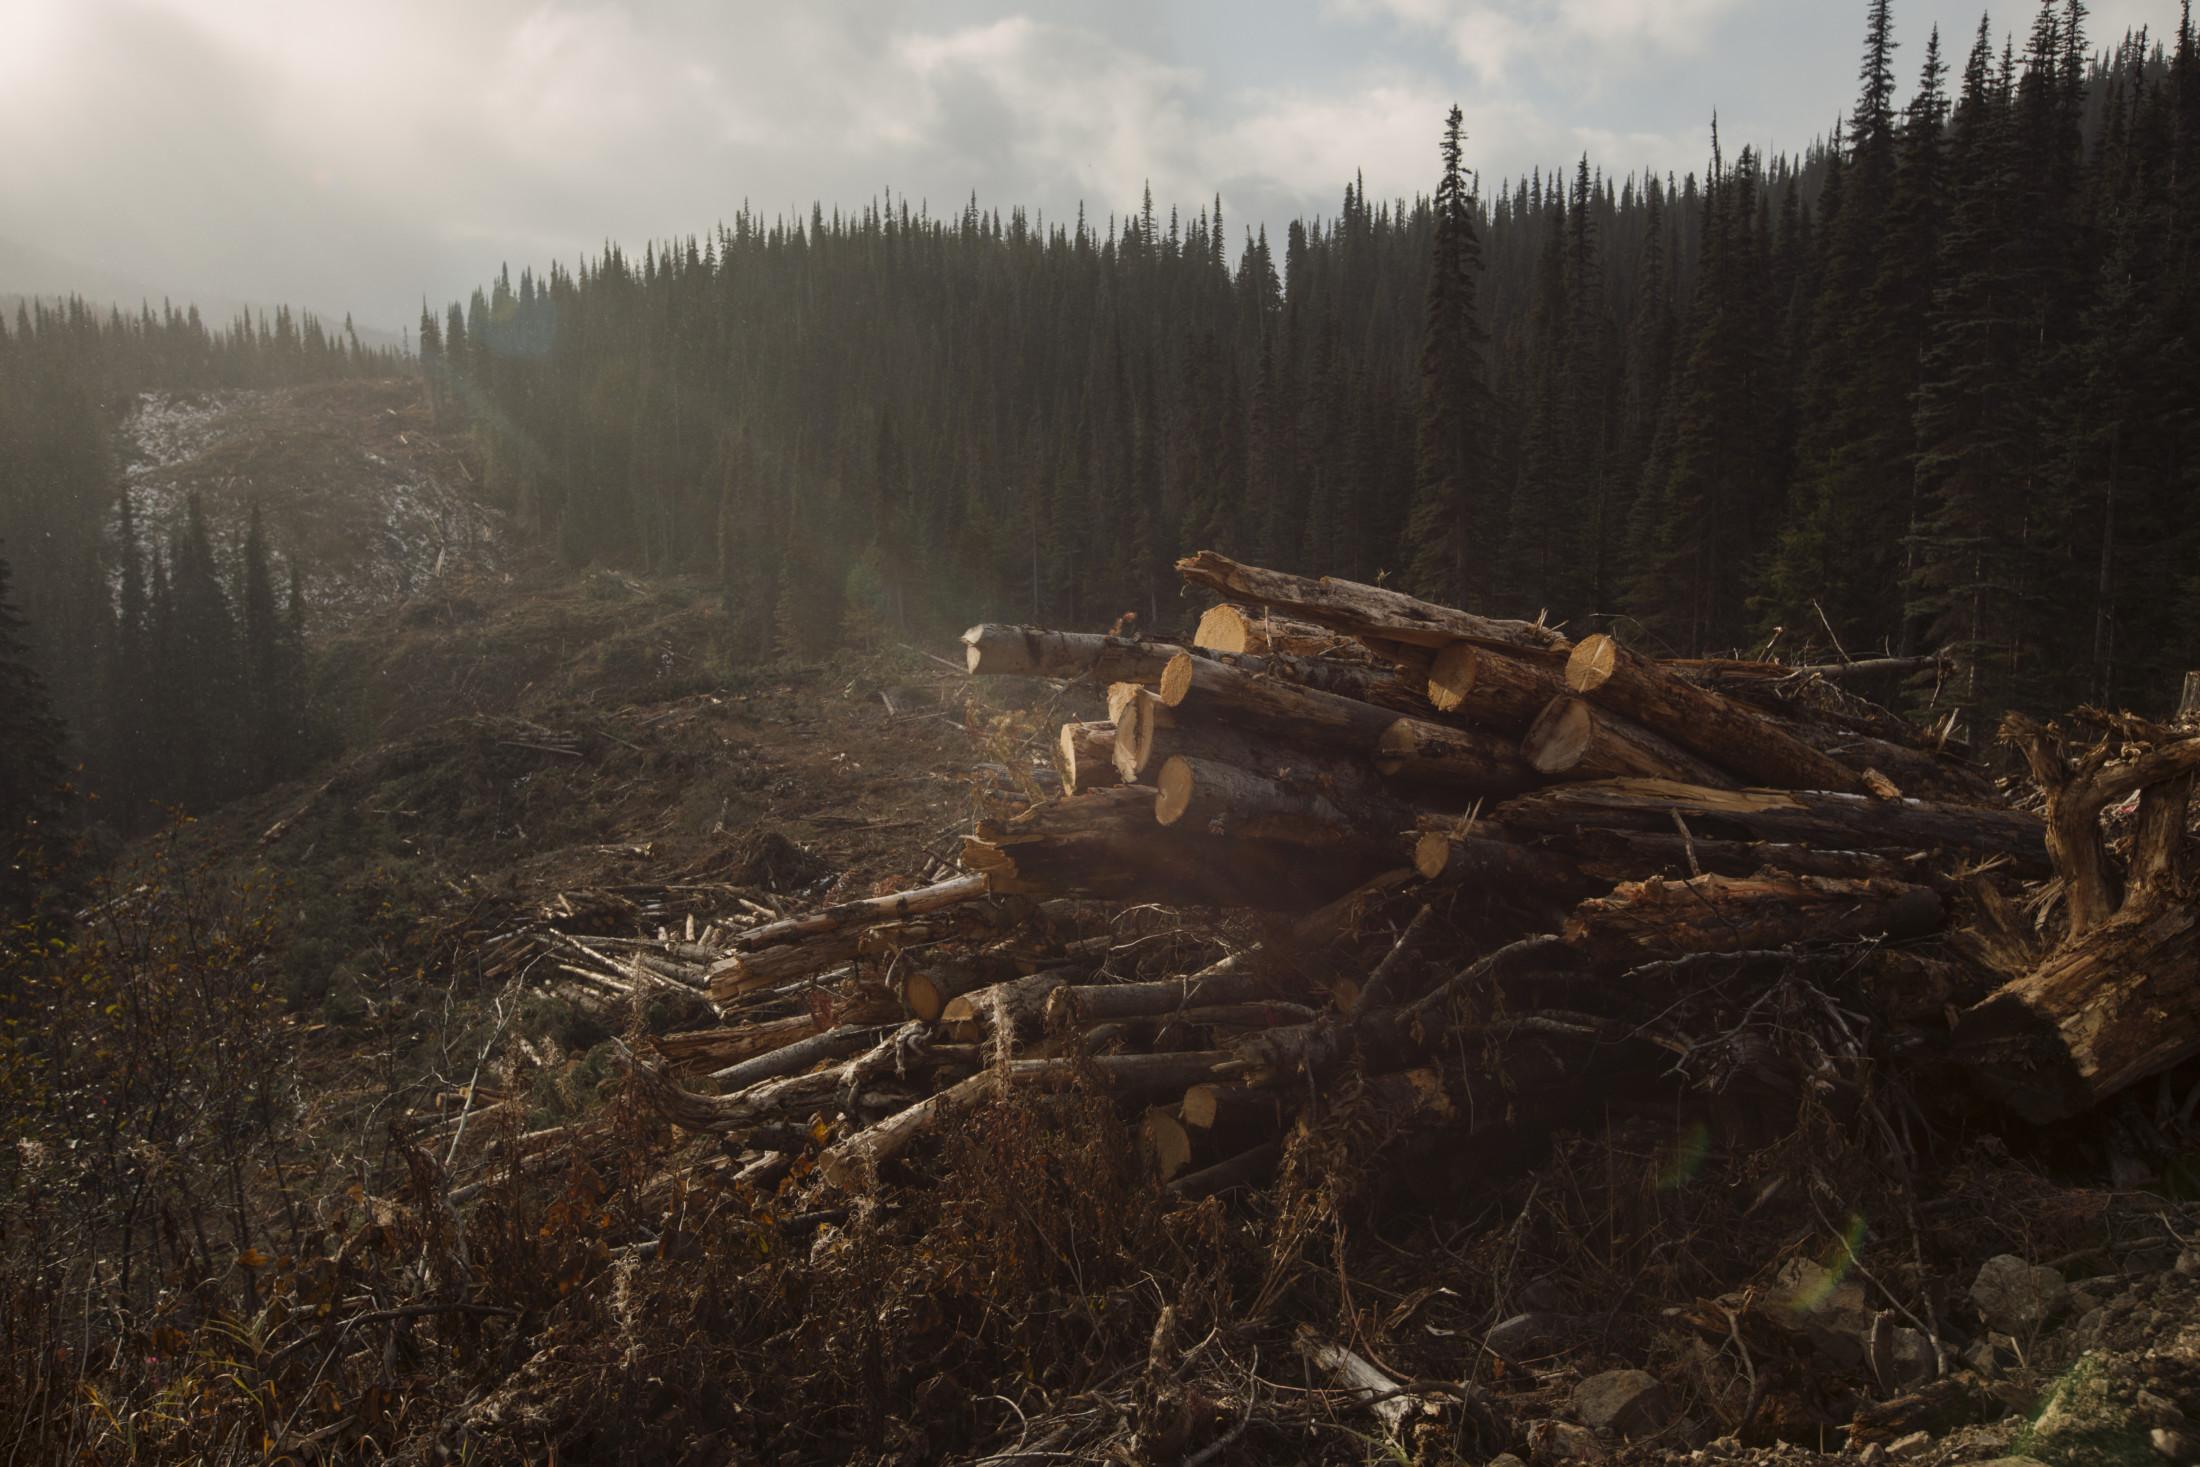 Logging for the Coastal GasLink pipeline